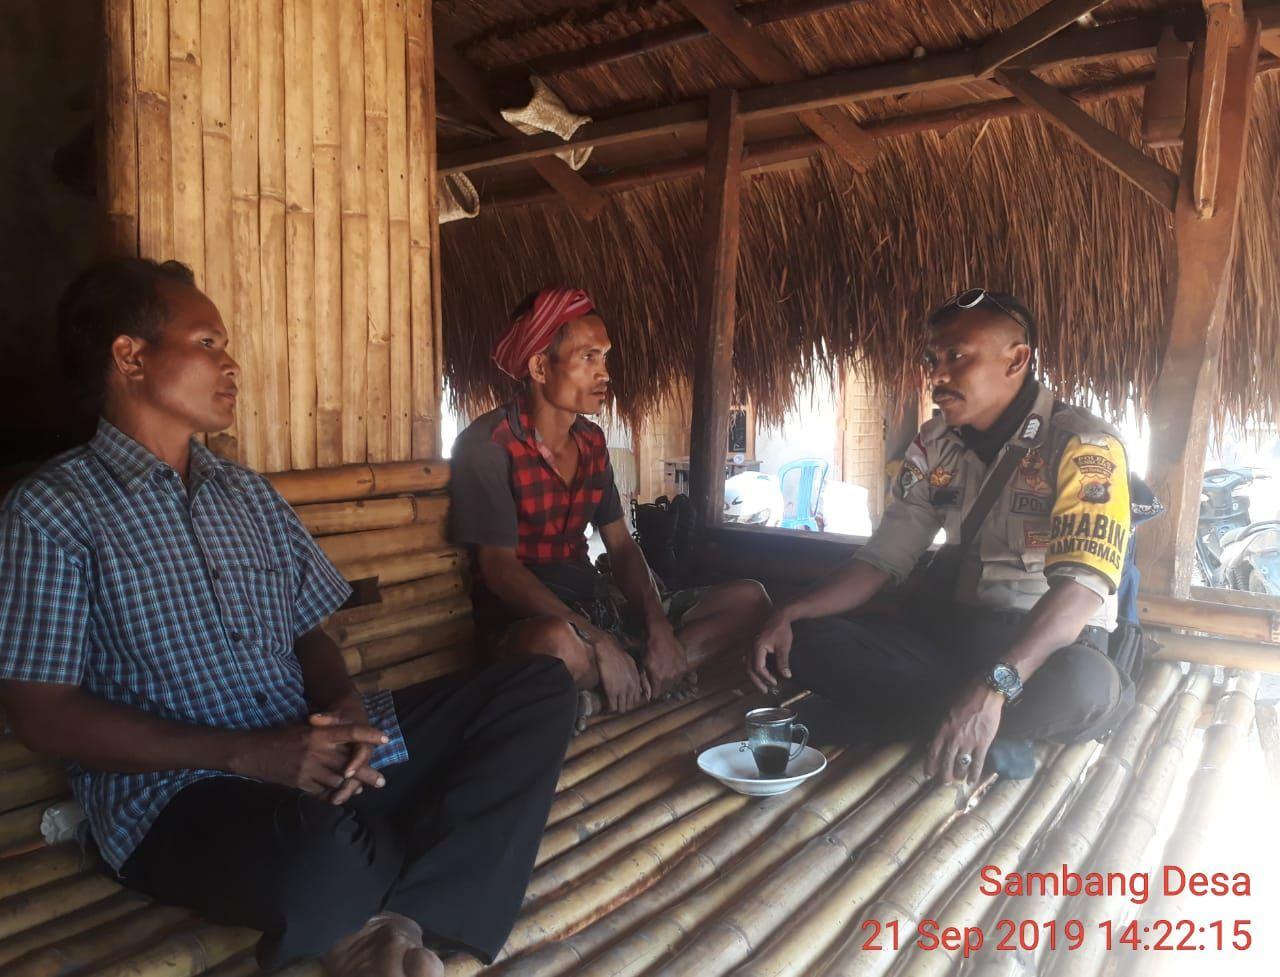 Bhabinkamtibmas Polsek Kodi Sambang Warga Berikan Himbauan Kamtibmas